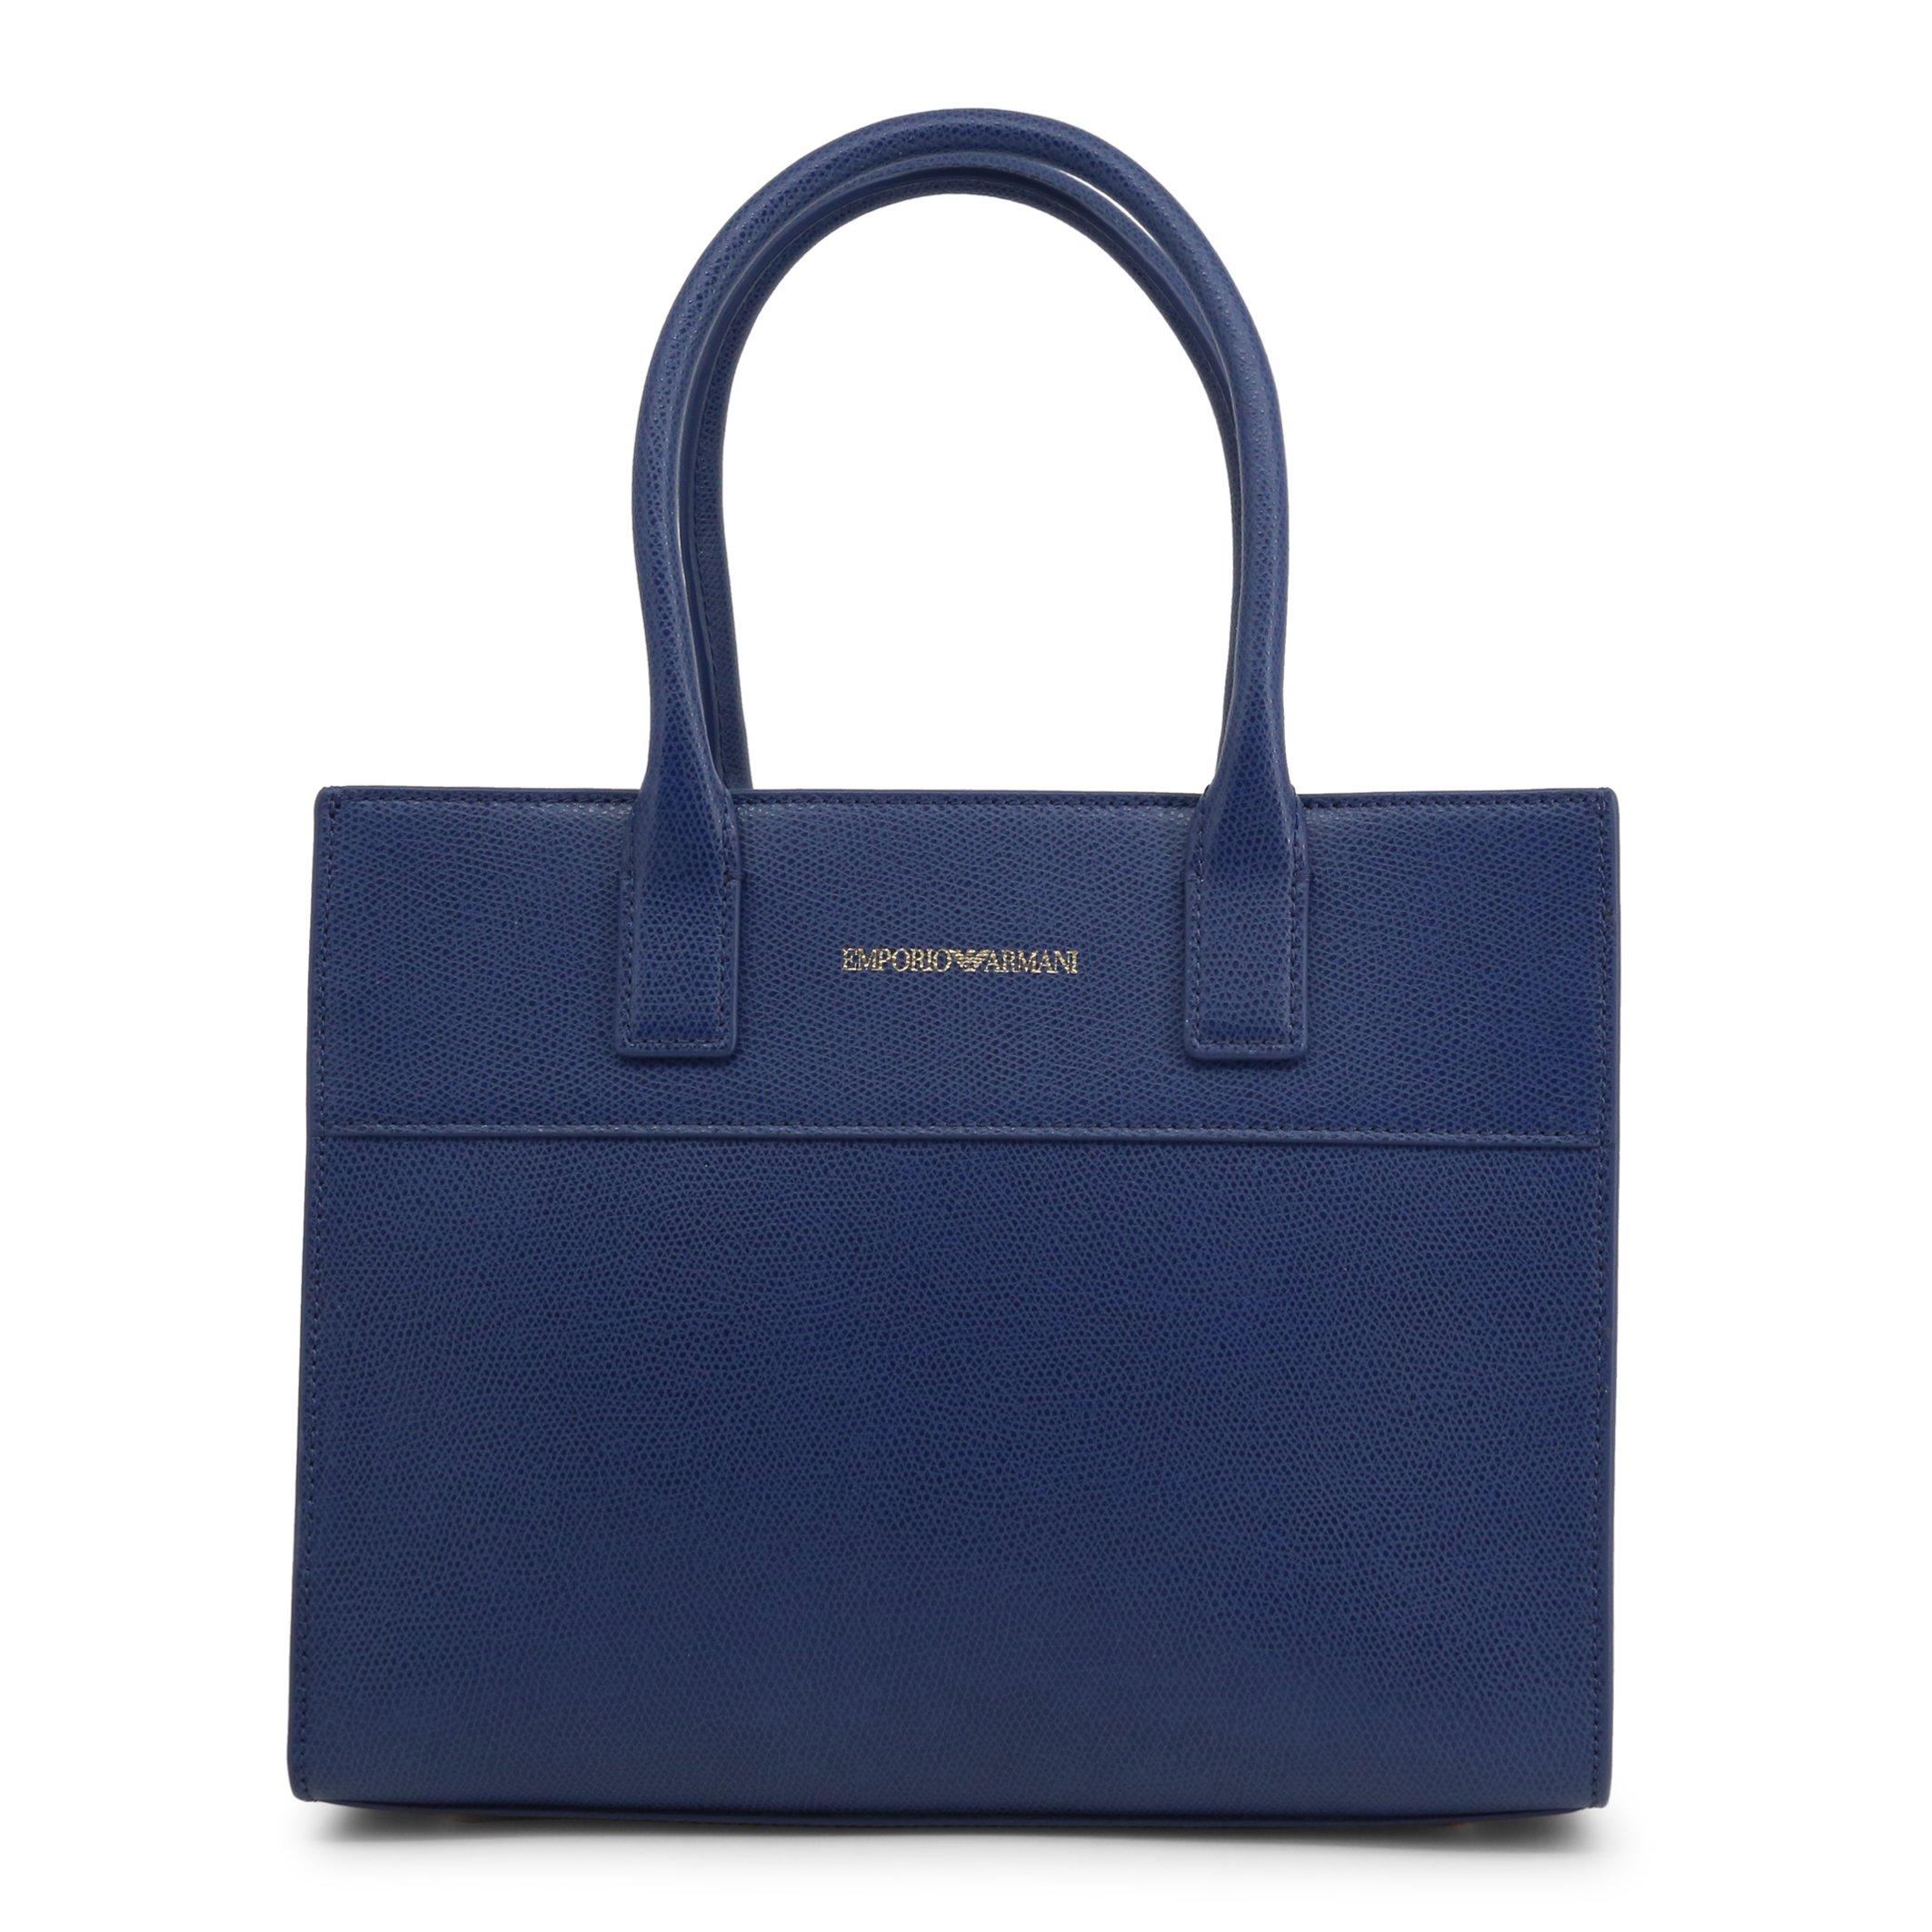 Emporio Armani Women's Handbag Brown Y3A115_YSE2B - blue NOSIZE